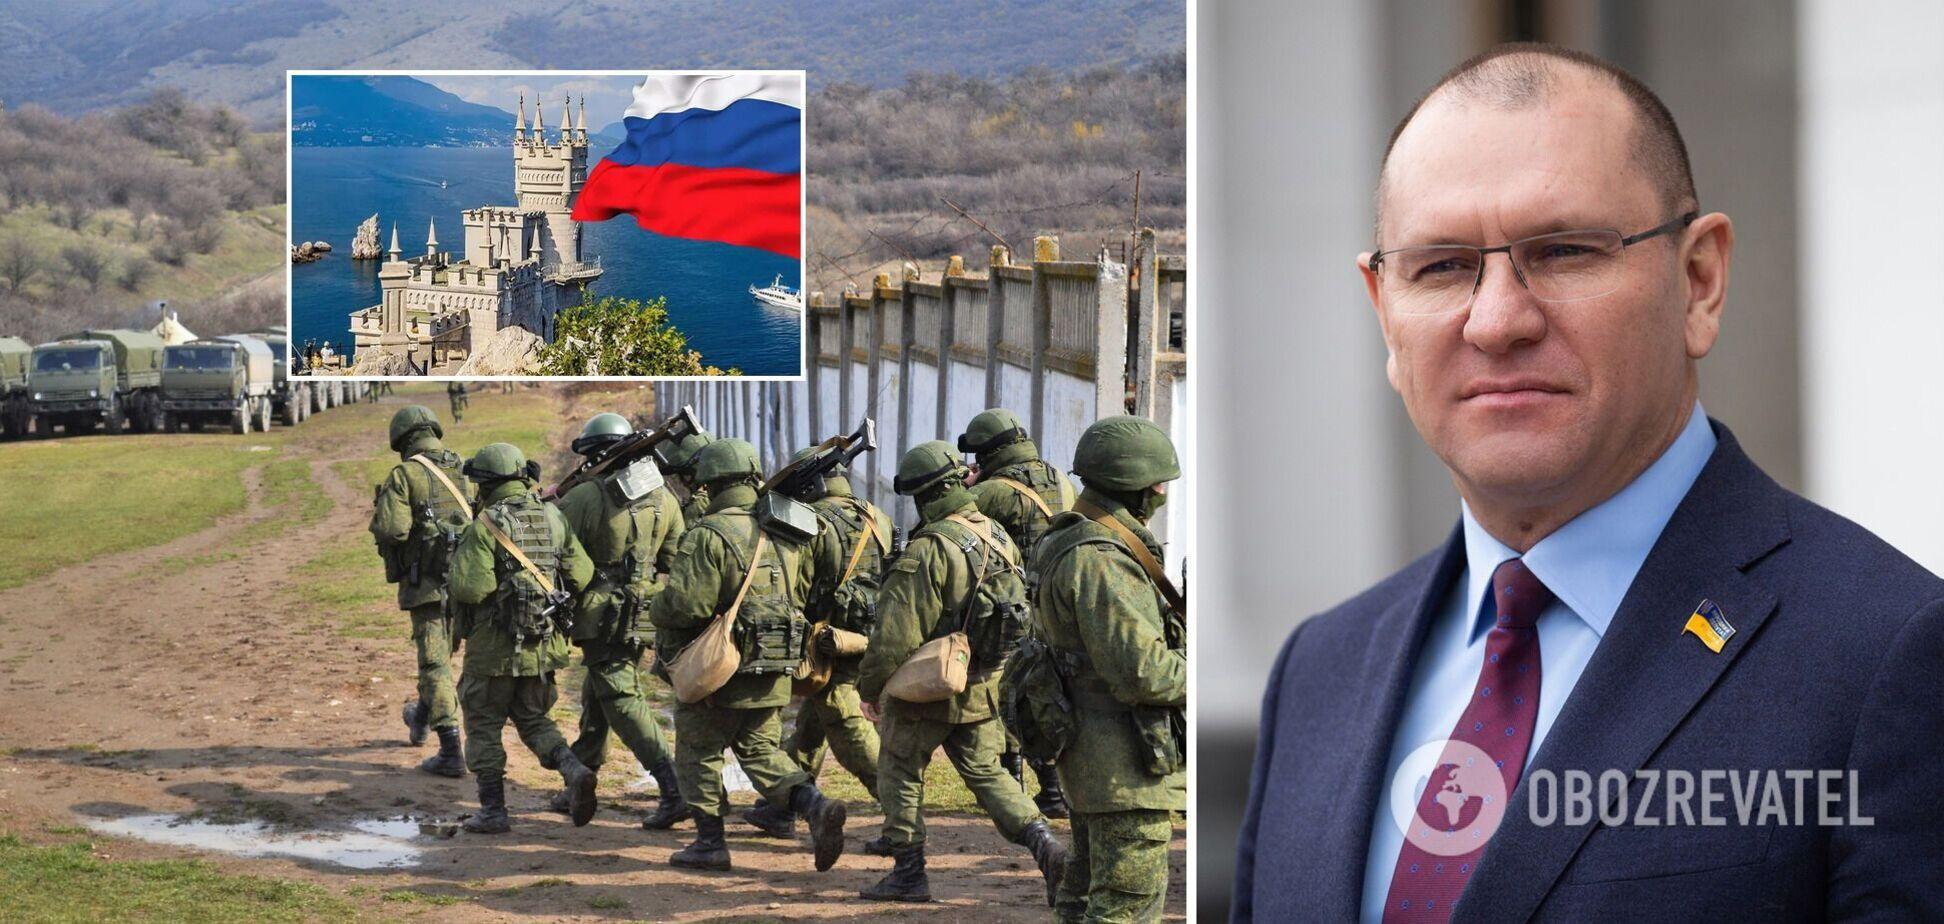 Нардеп Шевченко дивно висловився про окупацію Криму і заявив про необхідність 'змінити курс'